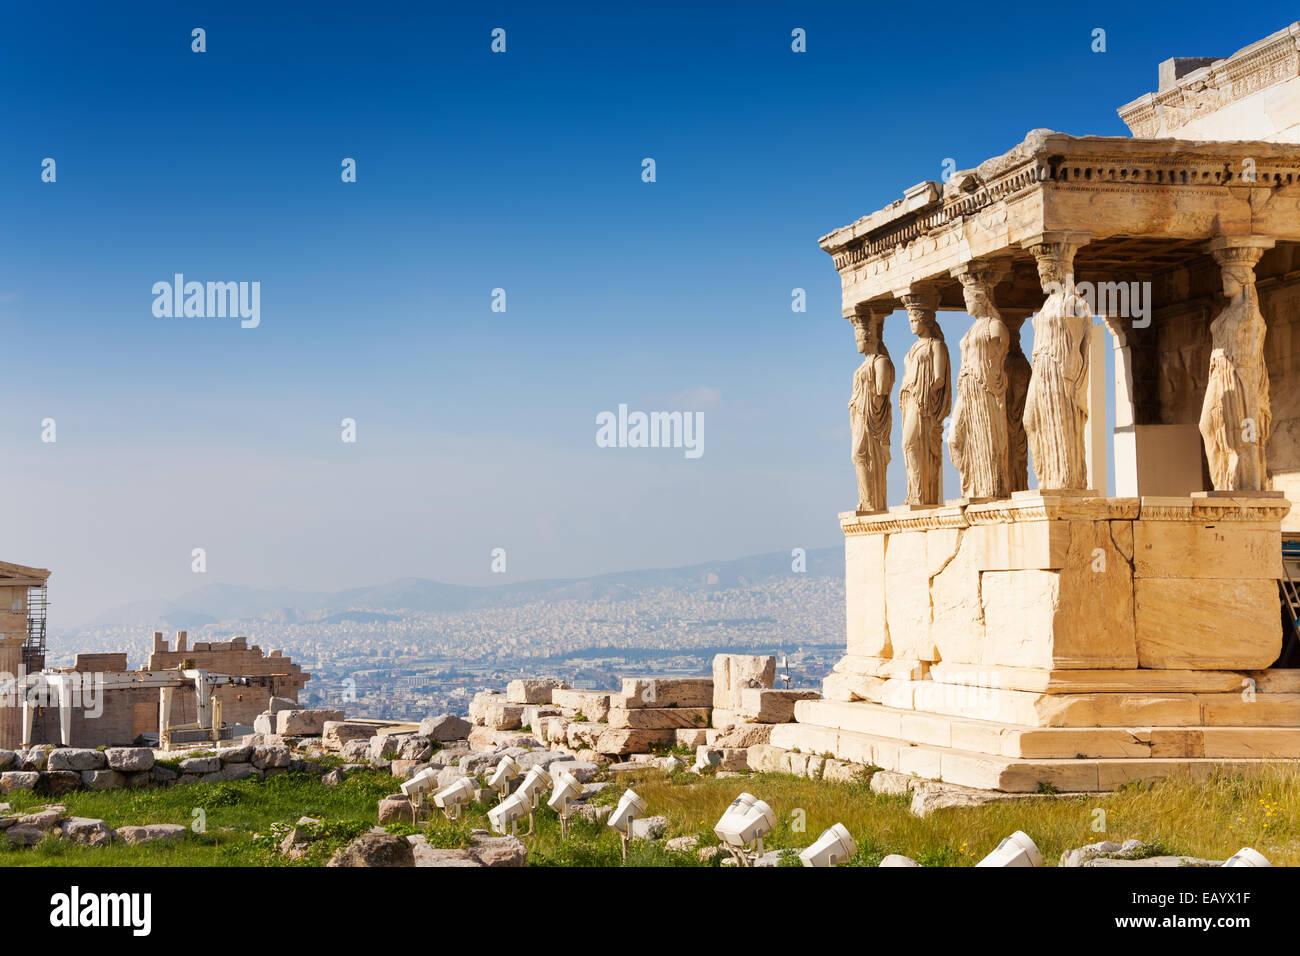 Belle vue de l'Erechtheion à Athènes, Grèce Photo Stock